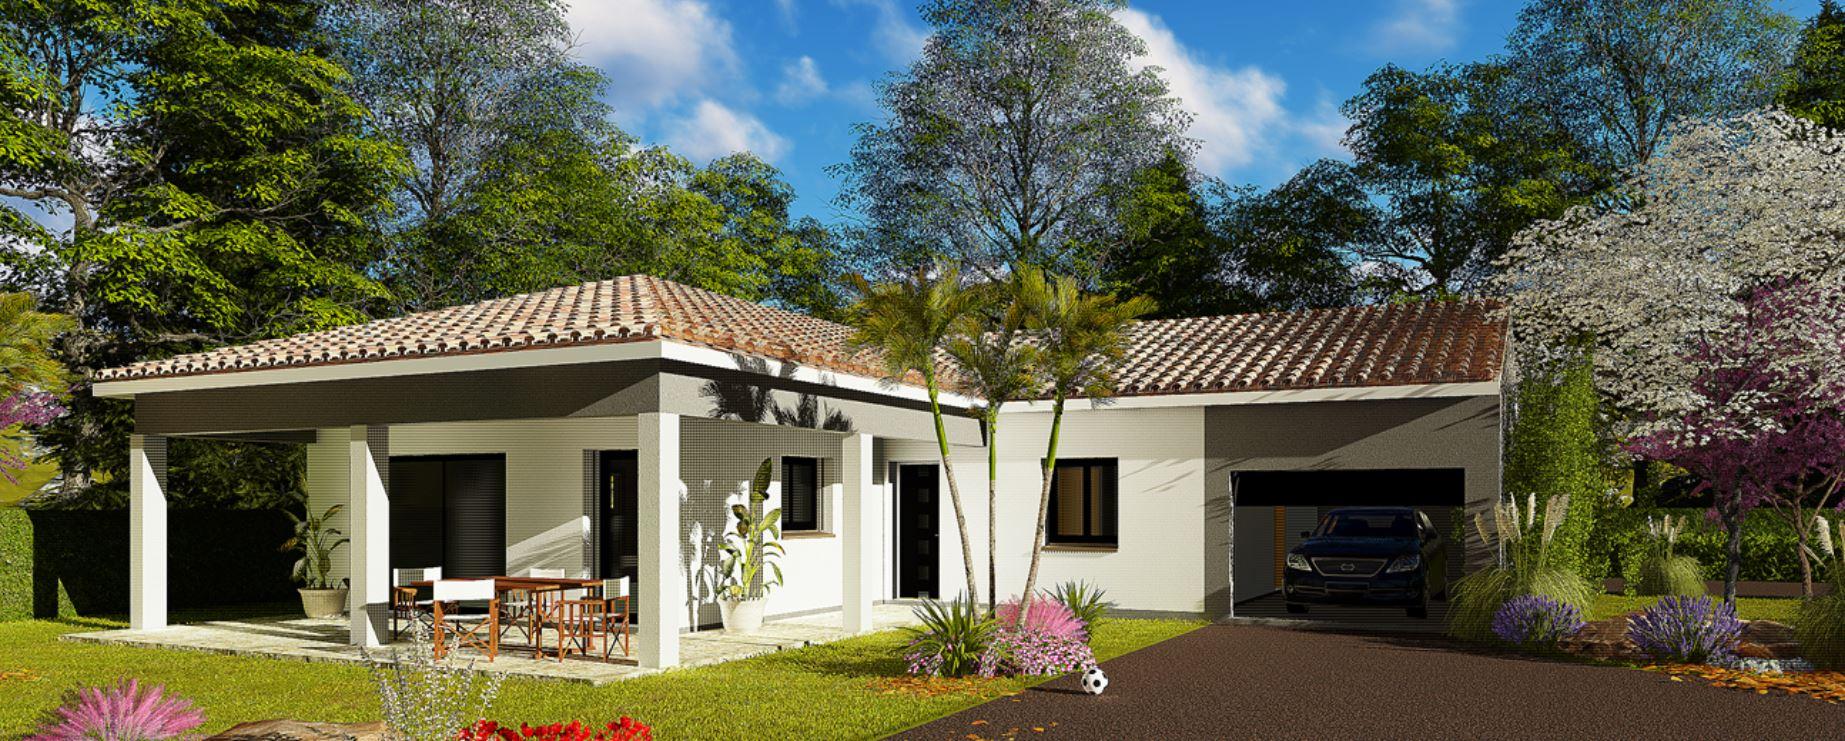 Maisons + Terrains du constructeur HABITAT SUD EST • 110 m² • SAINT SYMPHORIEN SOUS CHOMERAC